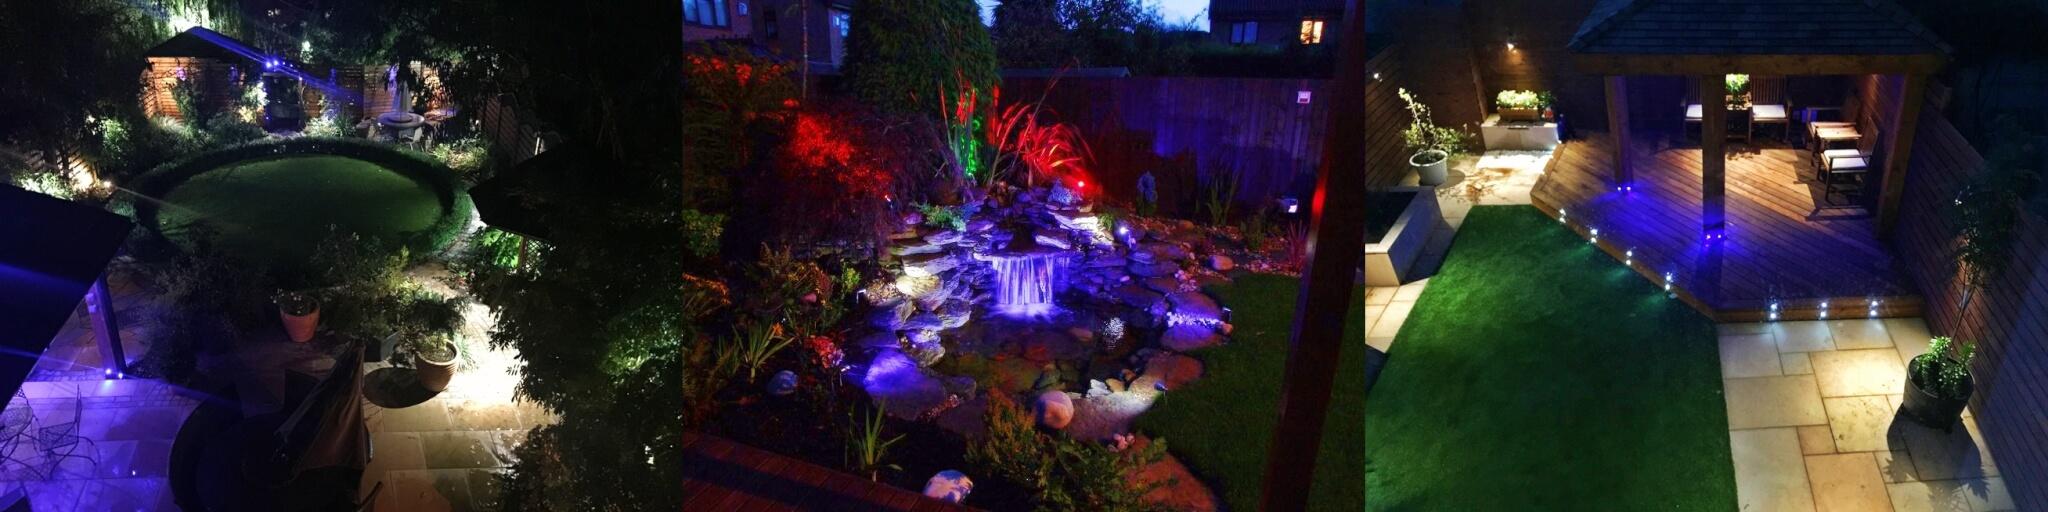 garden and outdoor lighting abel landscaping